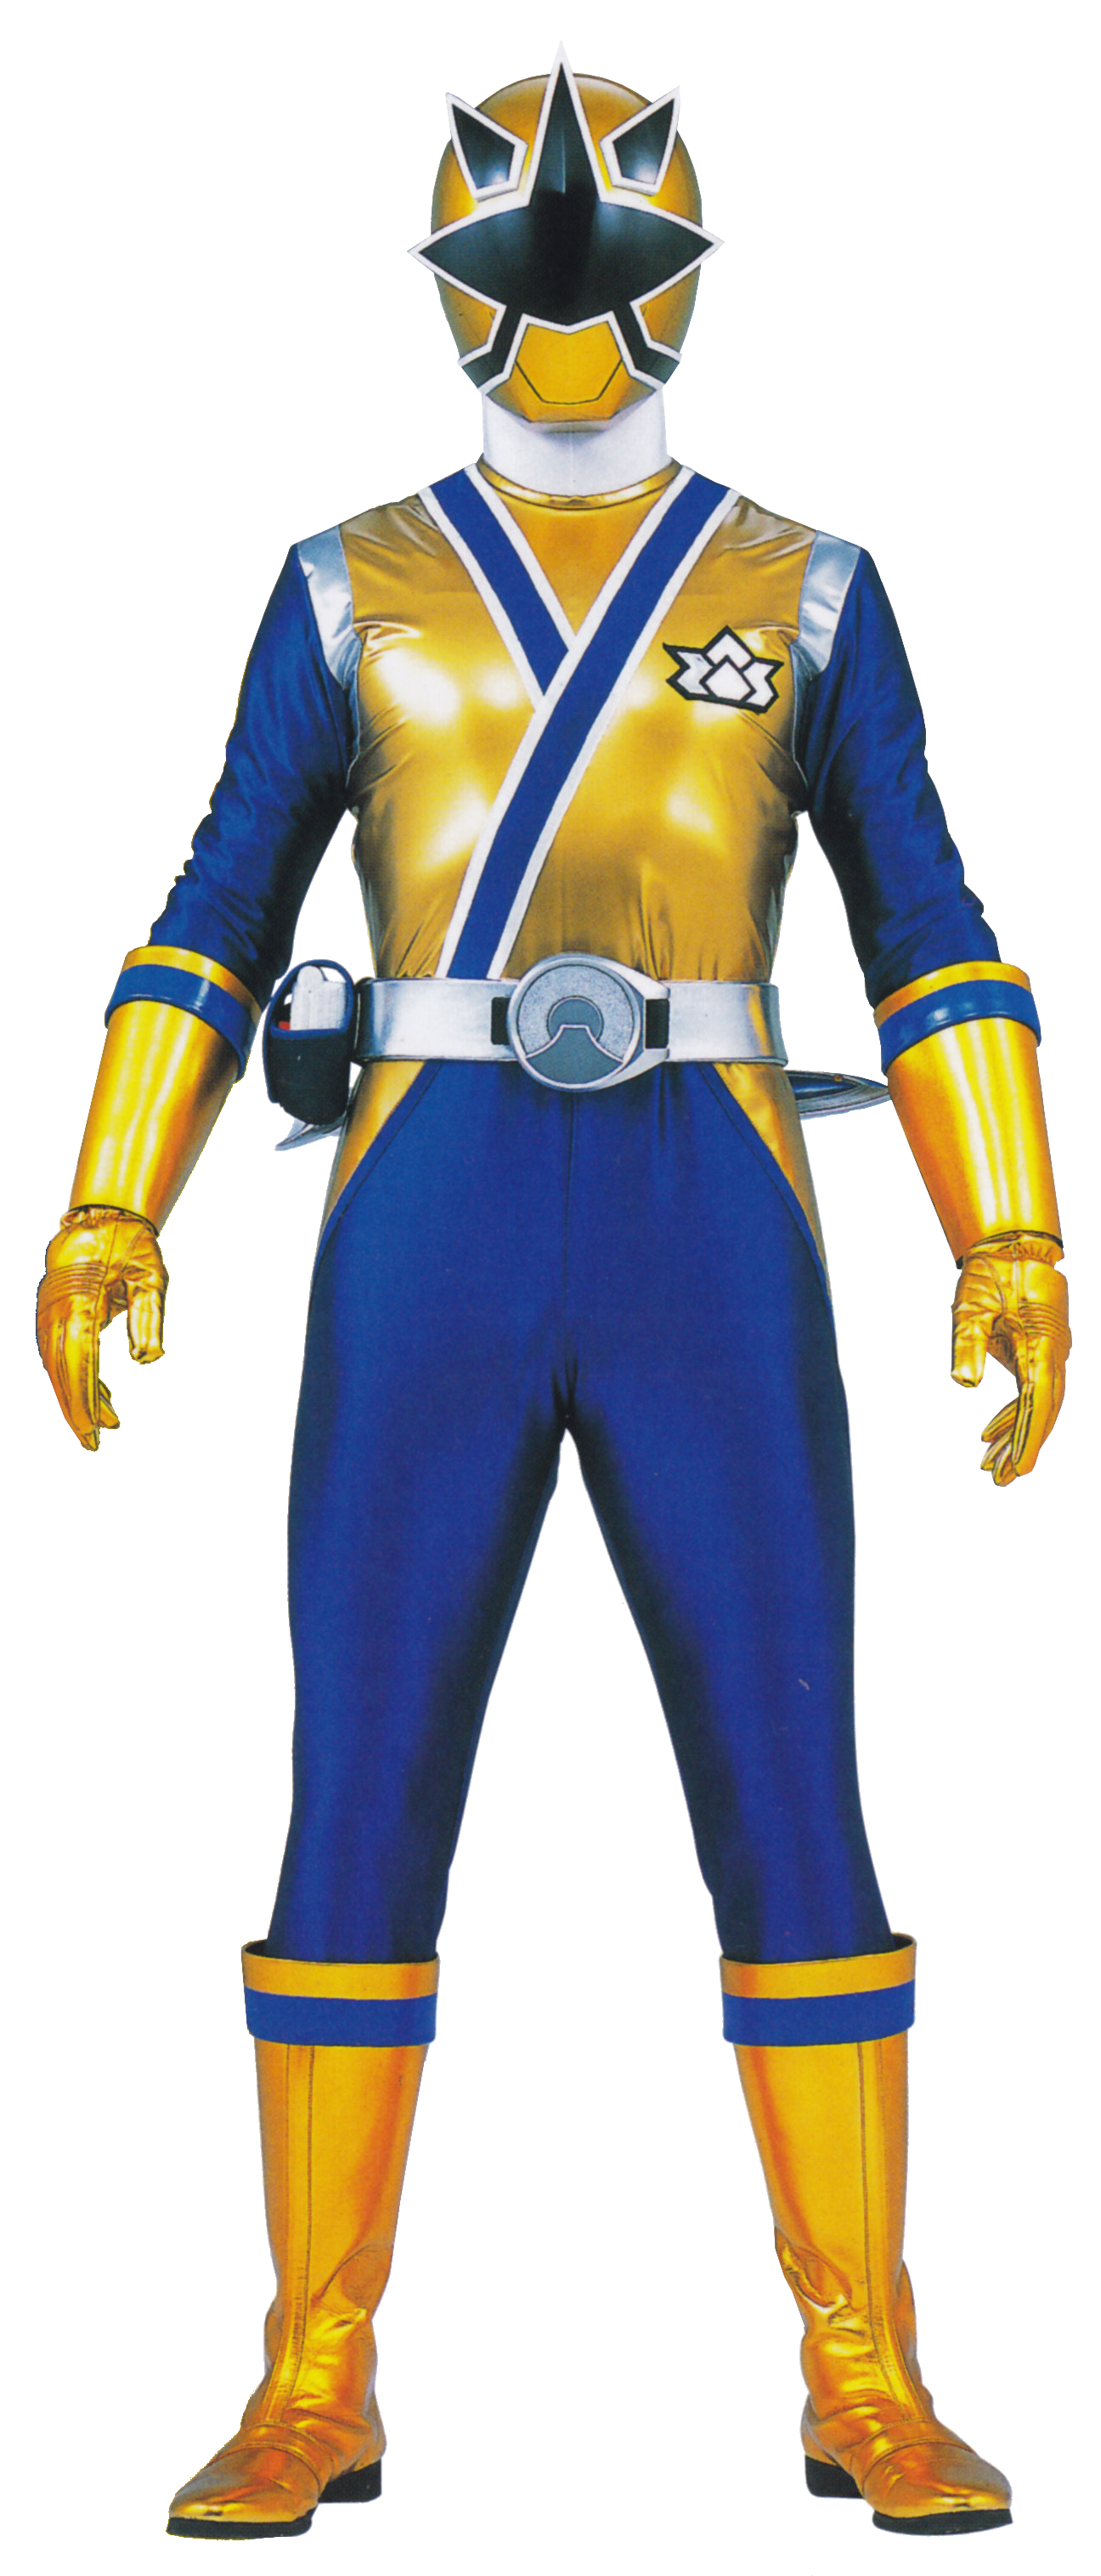 Antonio Garcia Power Rangers Super Samurai Power Rangers Samurai Super Samurai